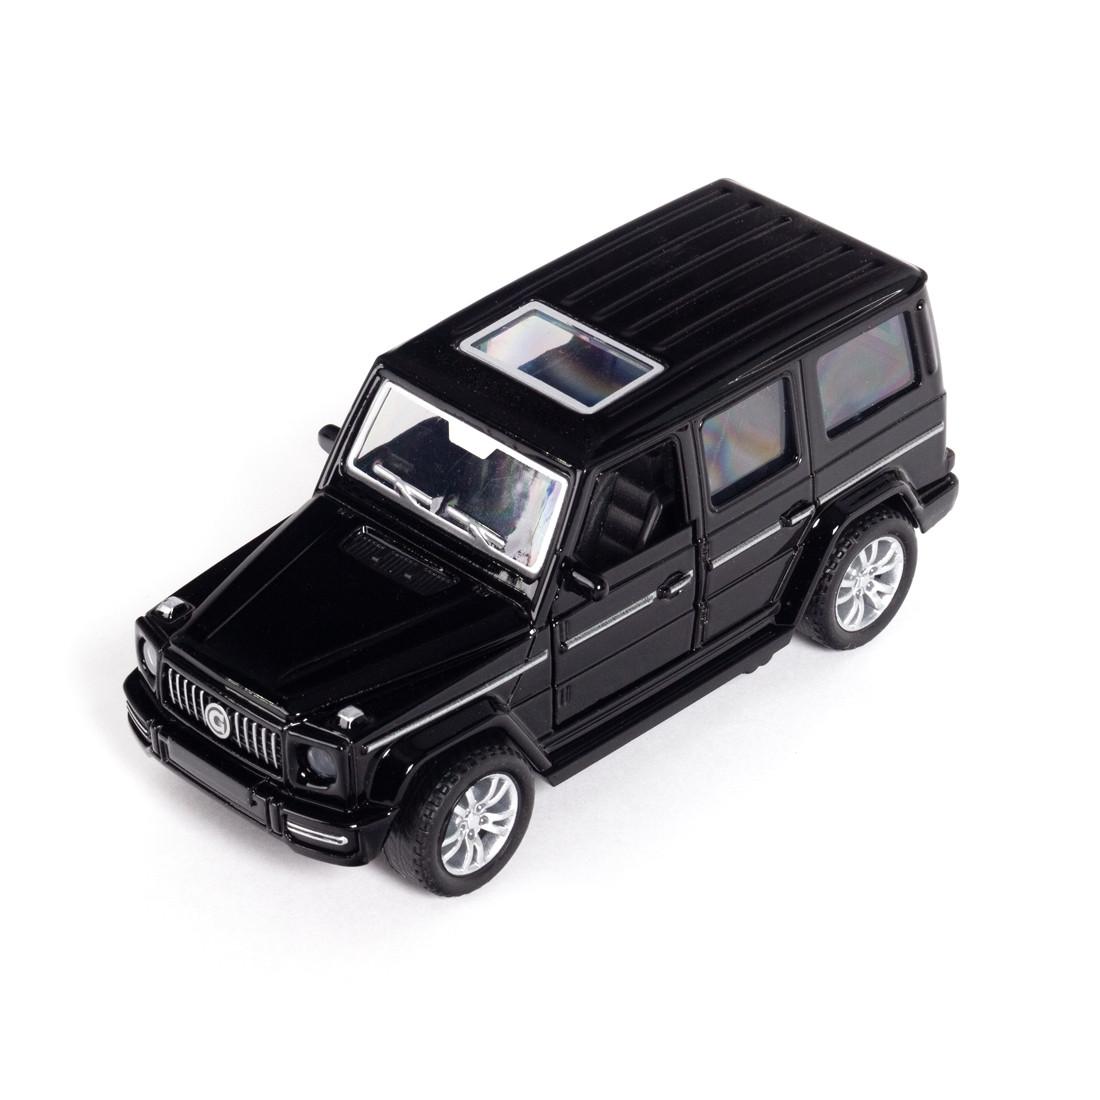 Металлическая машинка, X-Game Kids, 63000B, 1:32, 12.1 см, Чёрная